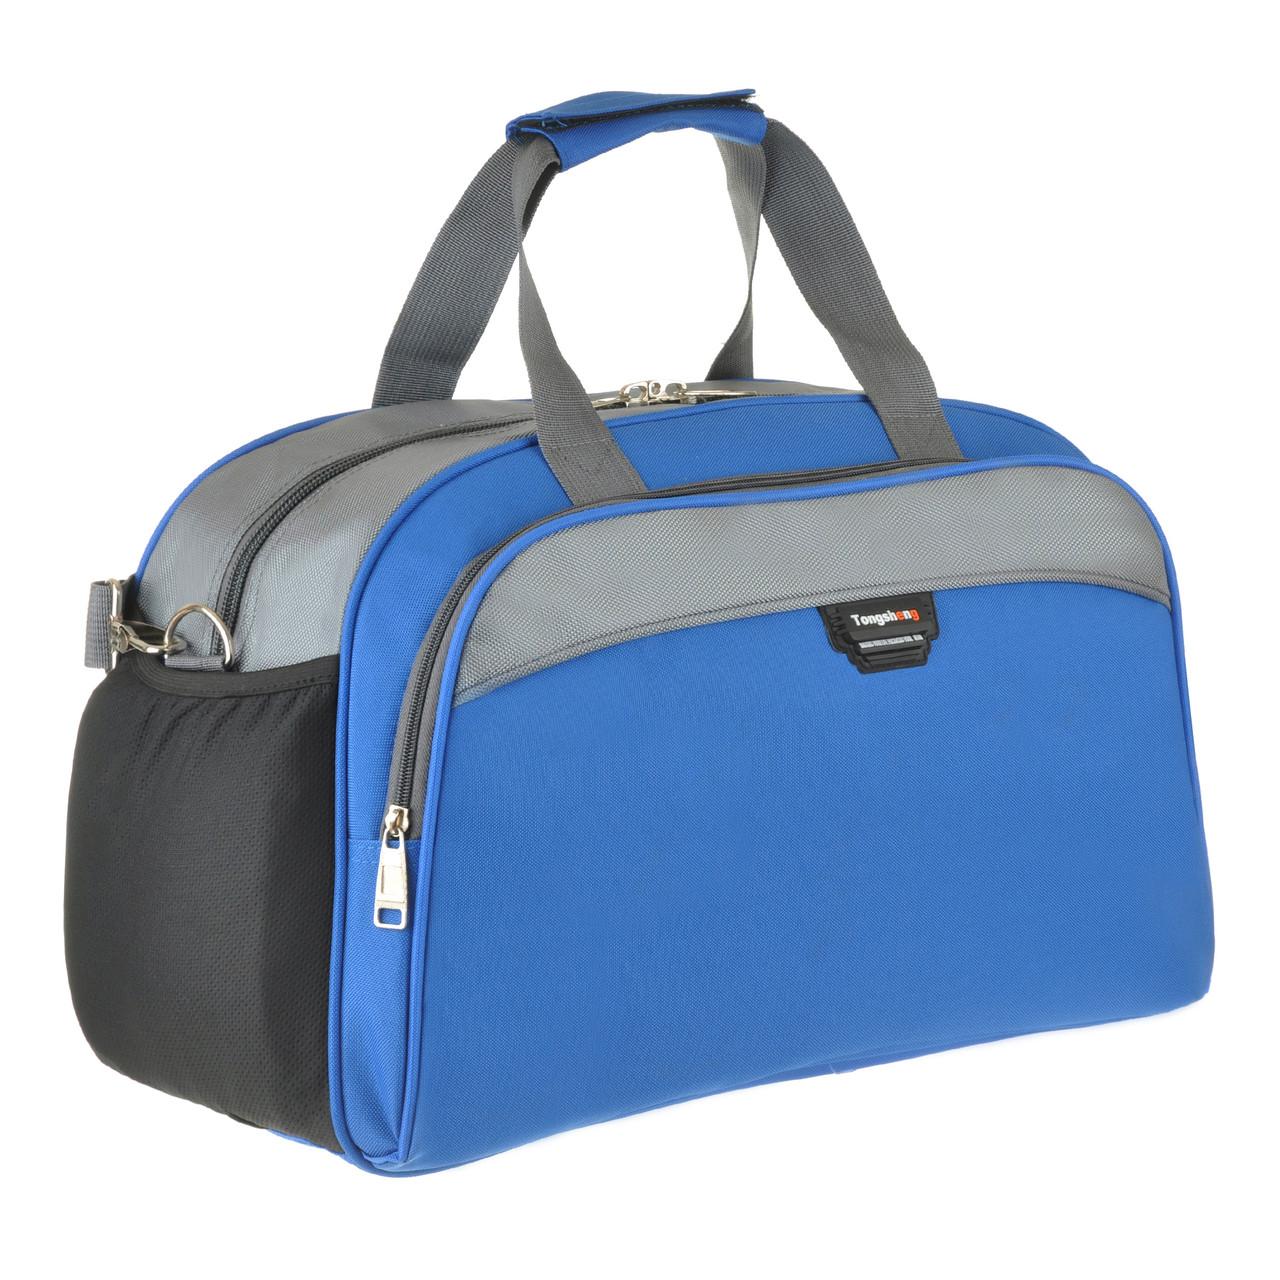 Дорожная сумка TONGSHENG голубая 49x32x22 полиэстр  кс999028гол